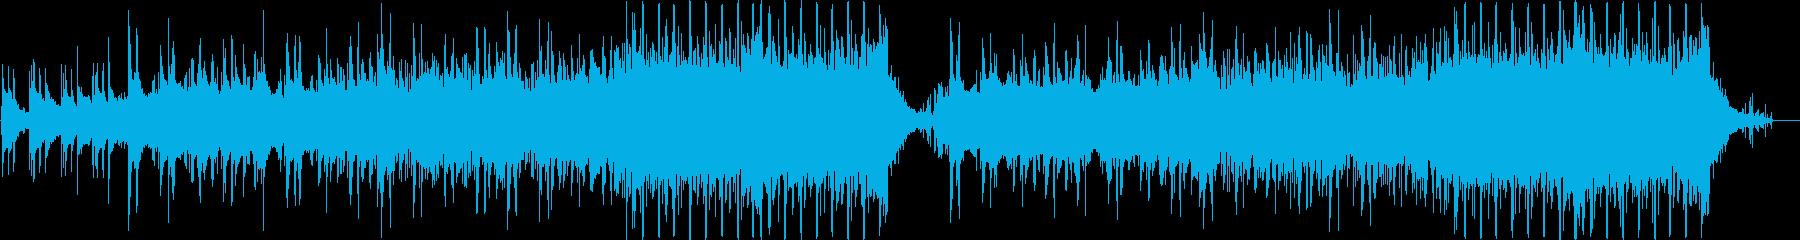 爽やかで情緒的なエレクトロの再生済みの波形